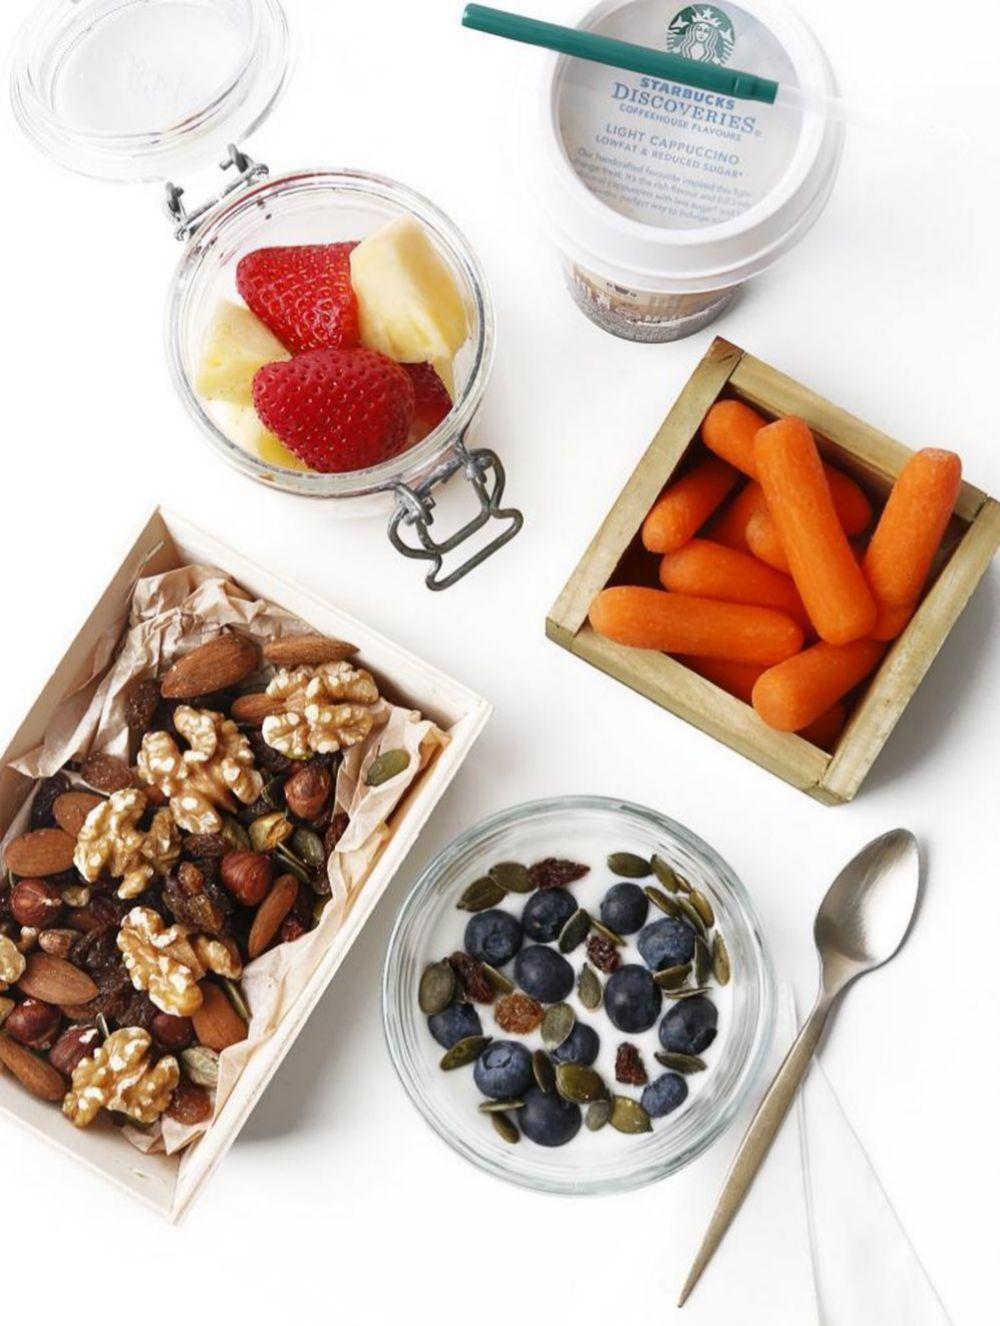 Frutas, cereales, lácteos... admiten un montón de combinaciones saludables y deliciosas.